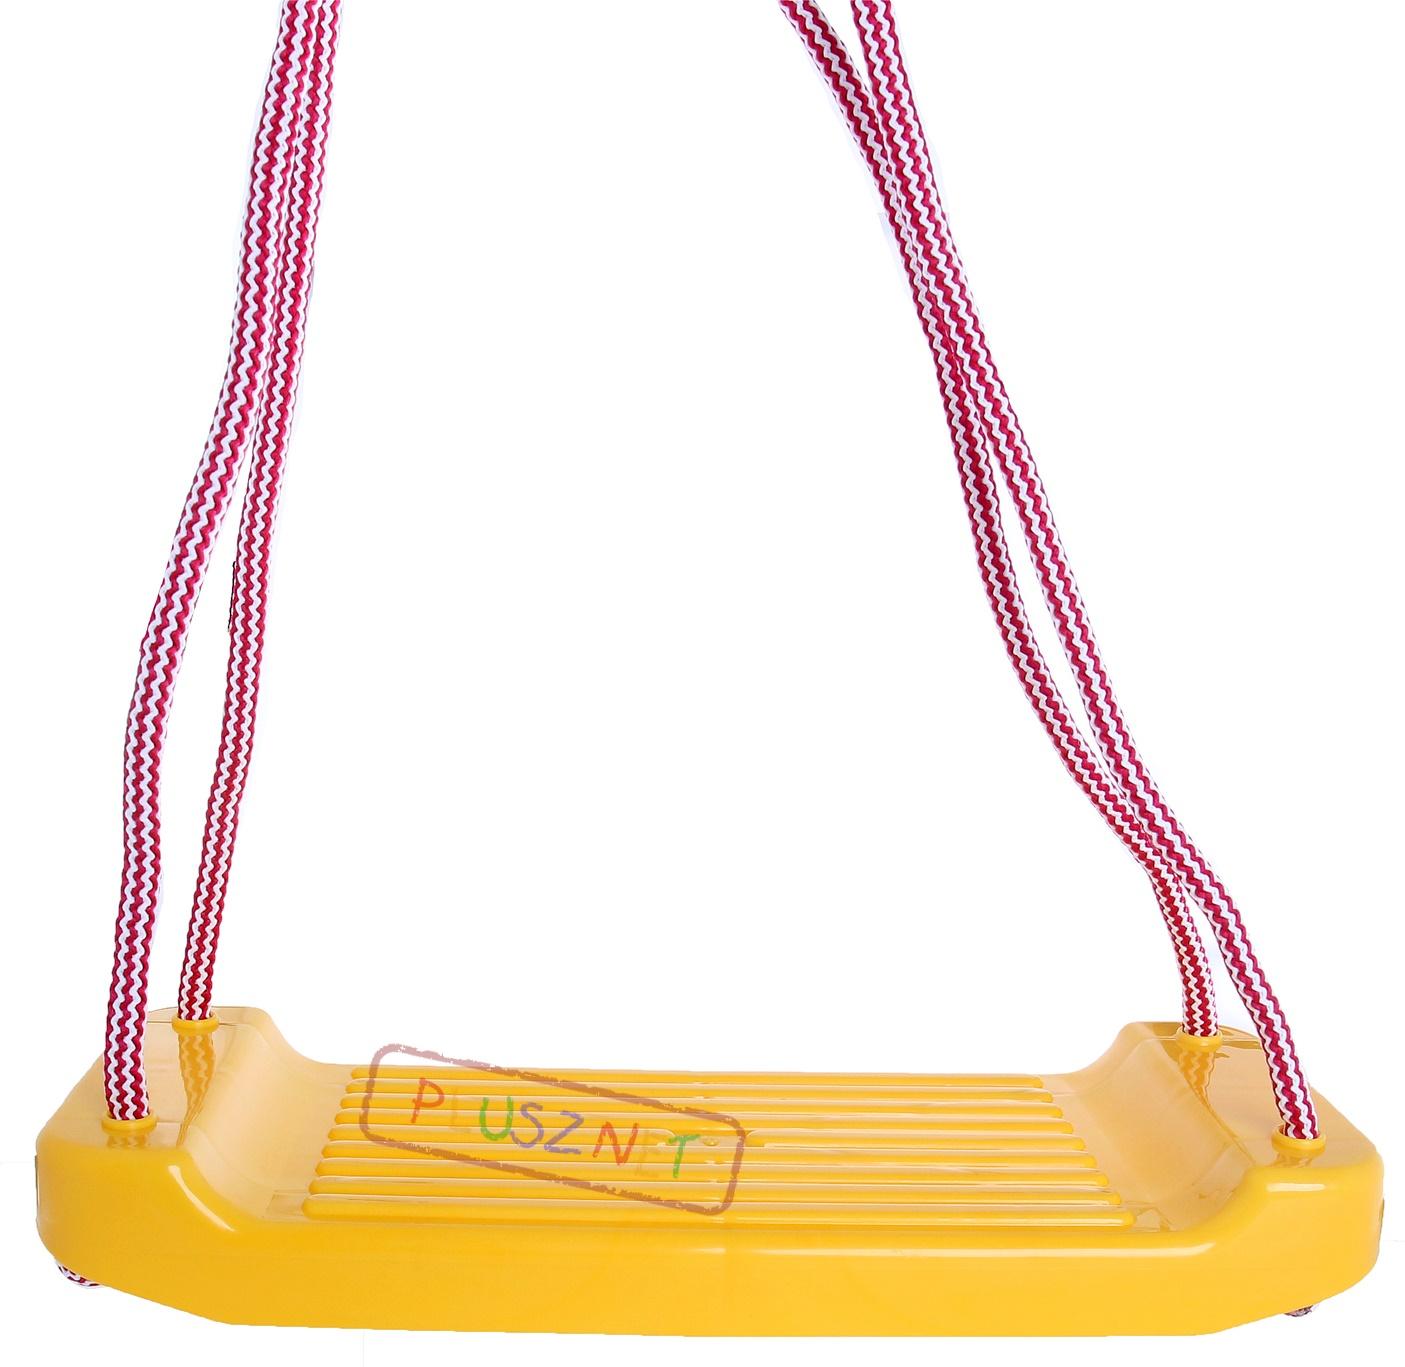 Hustawka Ogrodowa Dla Dzieci Plastikowa : Huśtawka Ogrodowa Dla Dzieci 454 00 Drewniana Huśtawka 150cm Teak